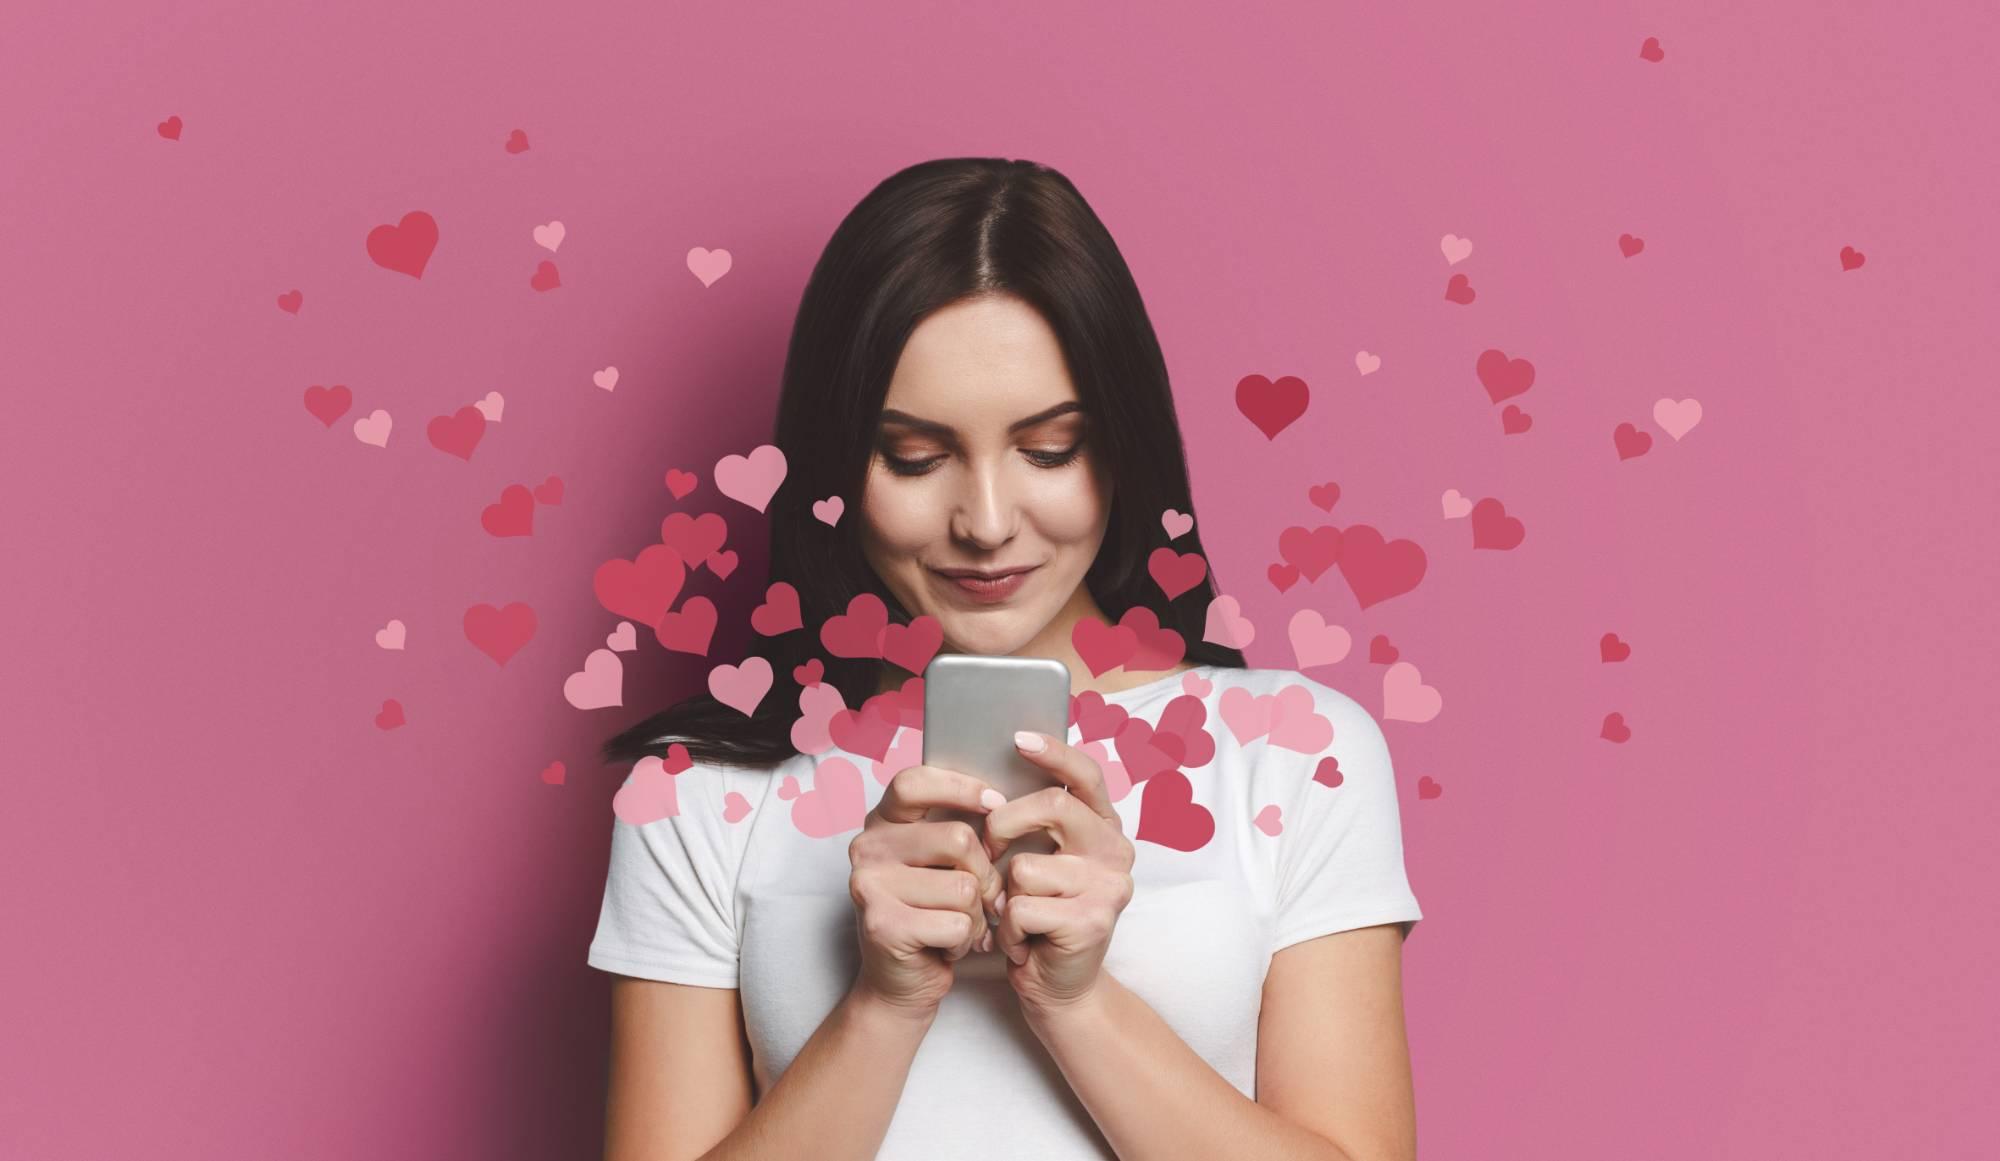 Золотой онлайн. Во сколько обойдётся поиск пары на сайте знакомств?